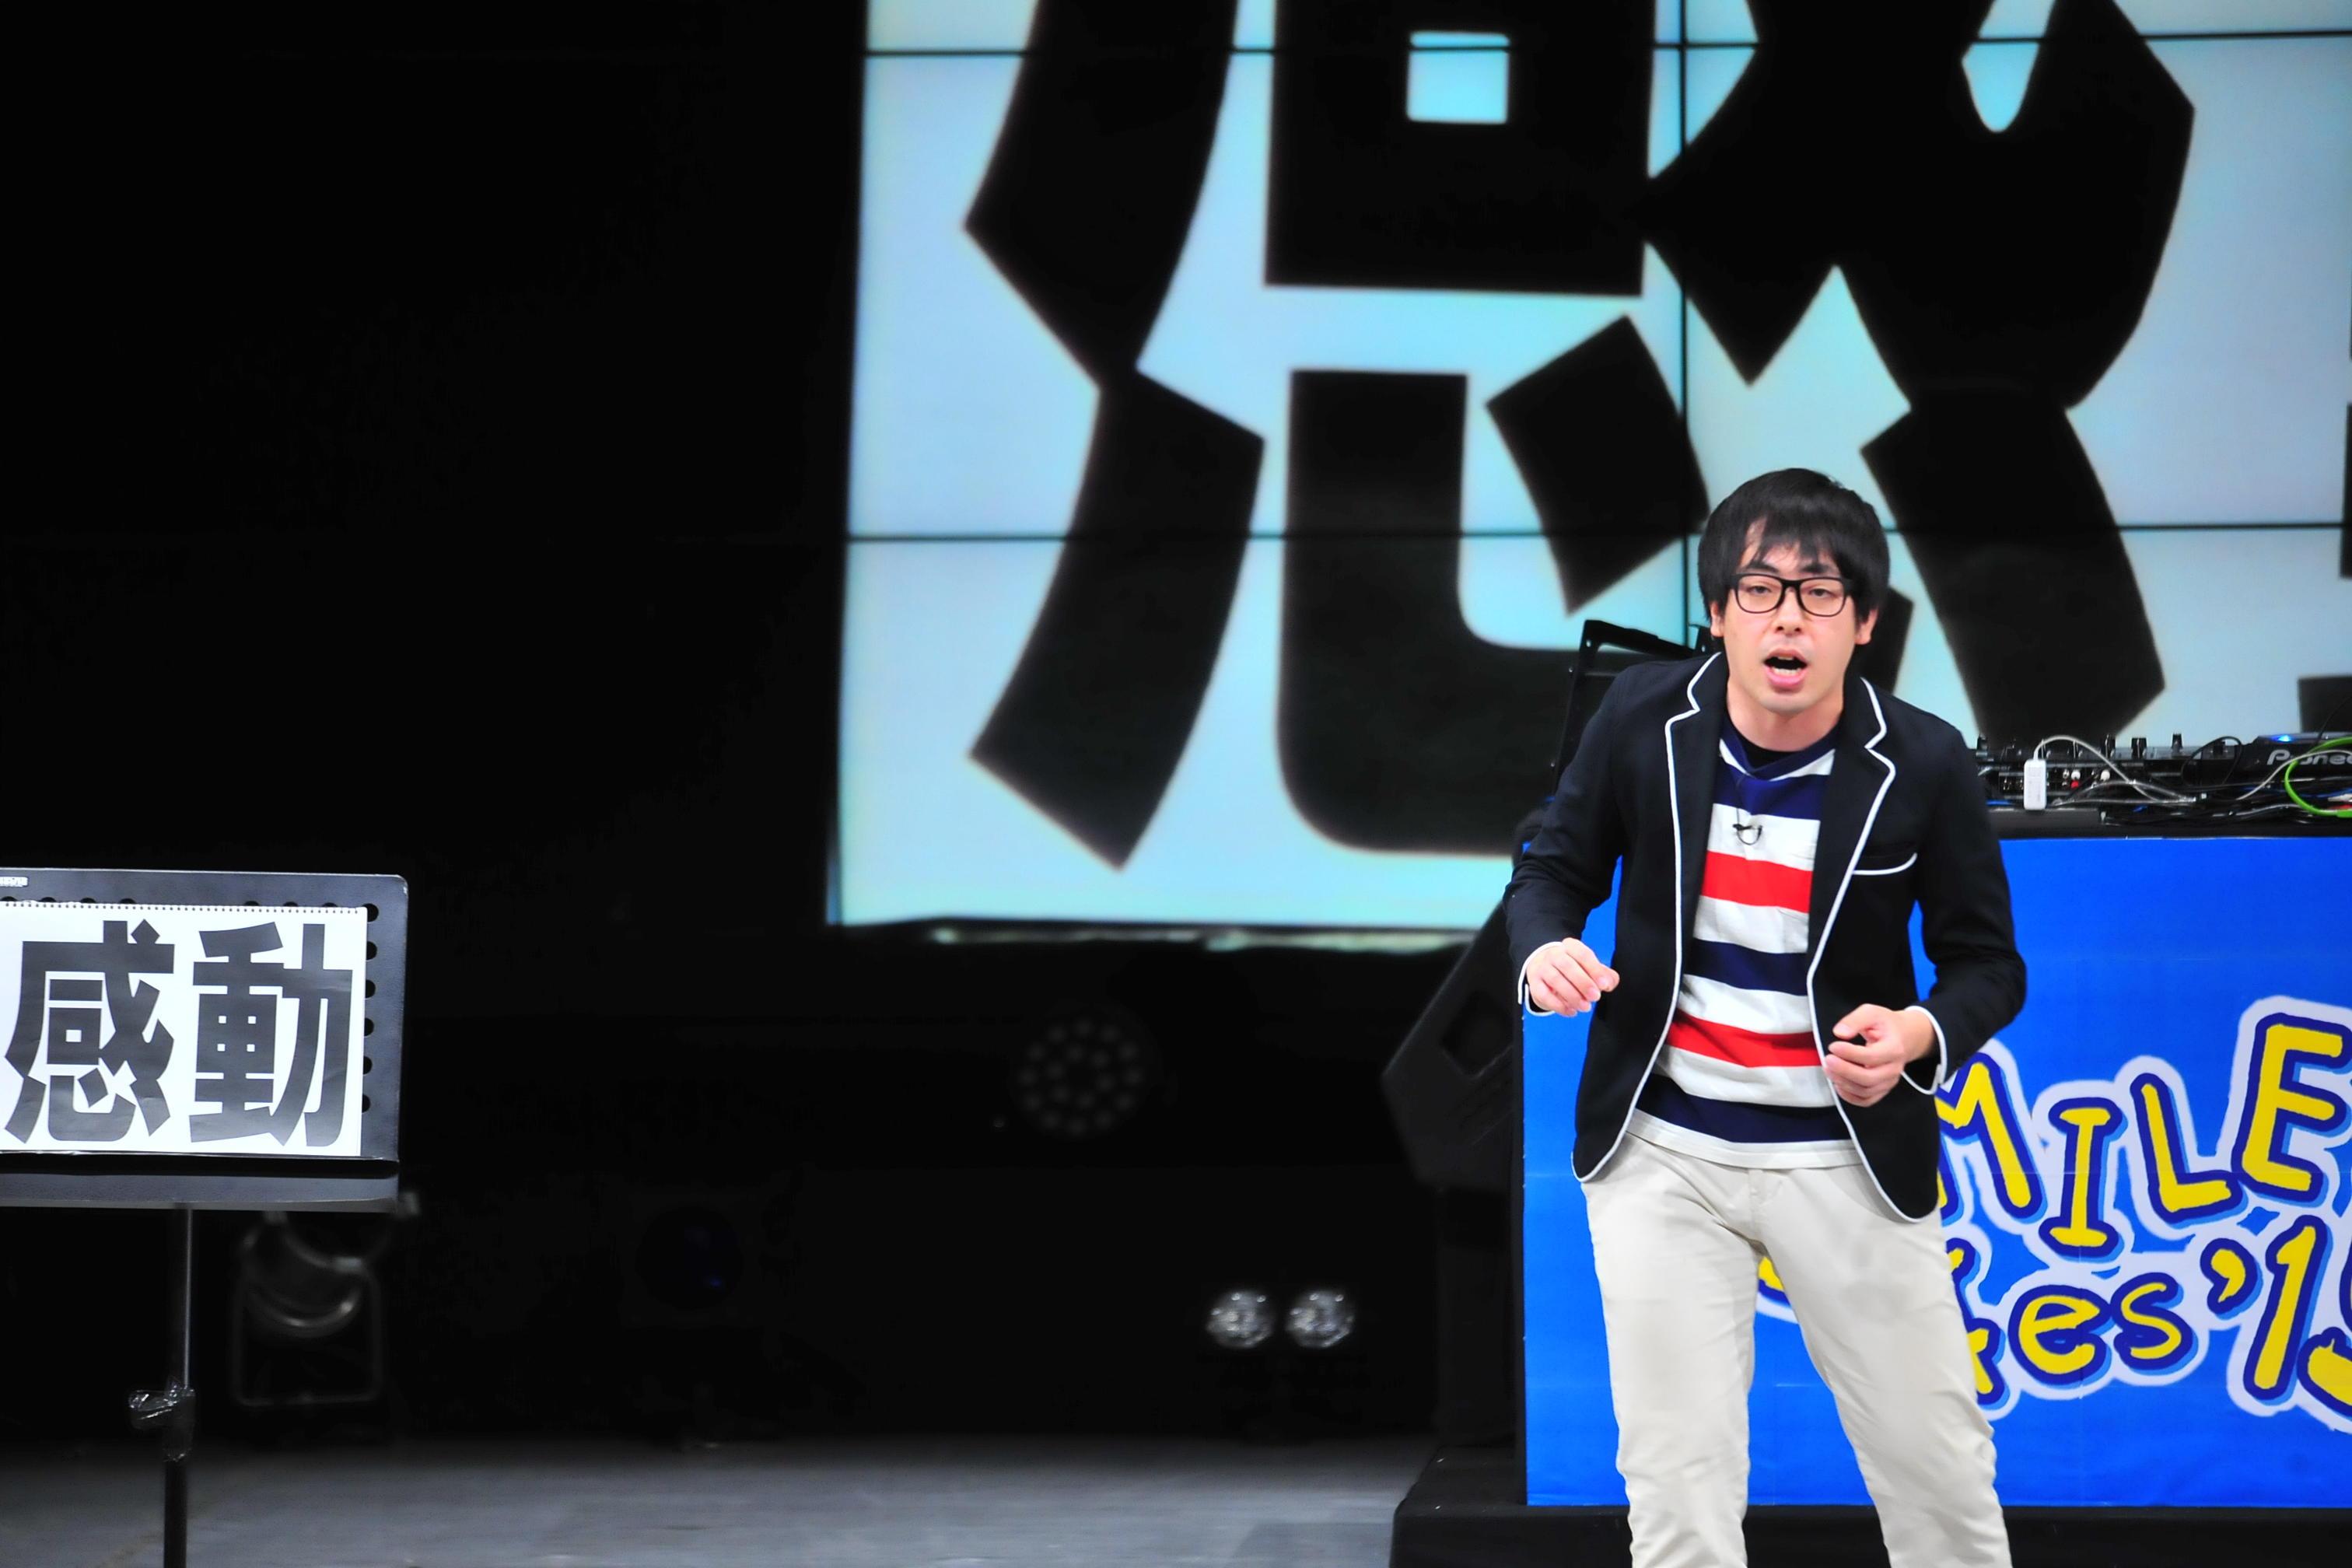 http://news.yoshimoto.co.jp/20151231133516-5473bed39fb22891a1fb49290a8632cc45be56a6.jpg